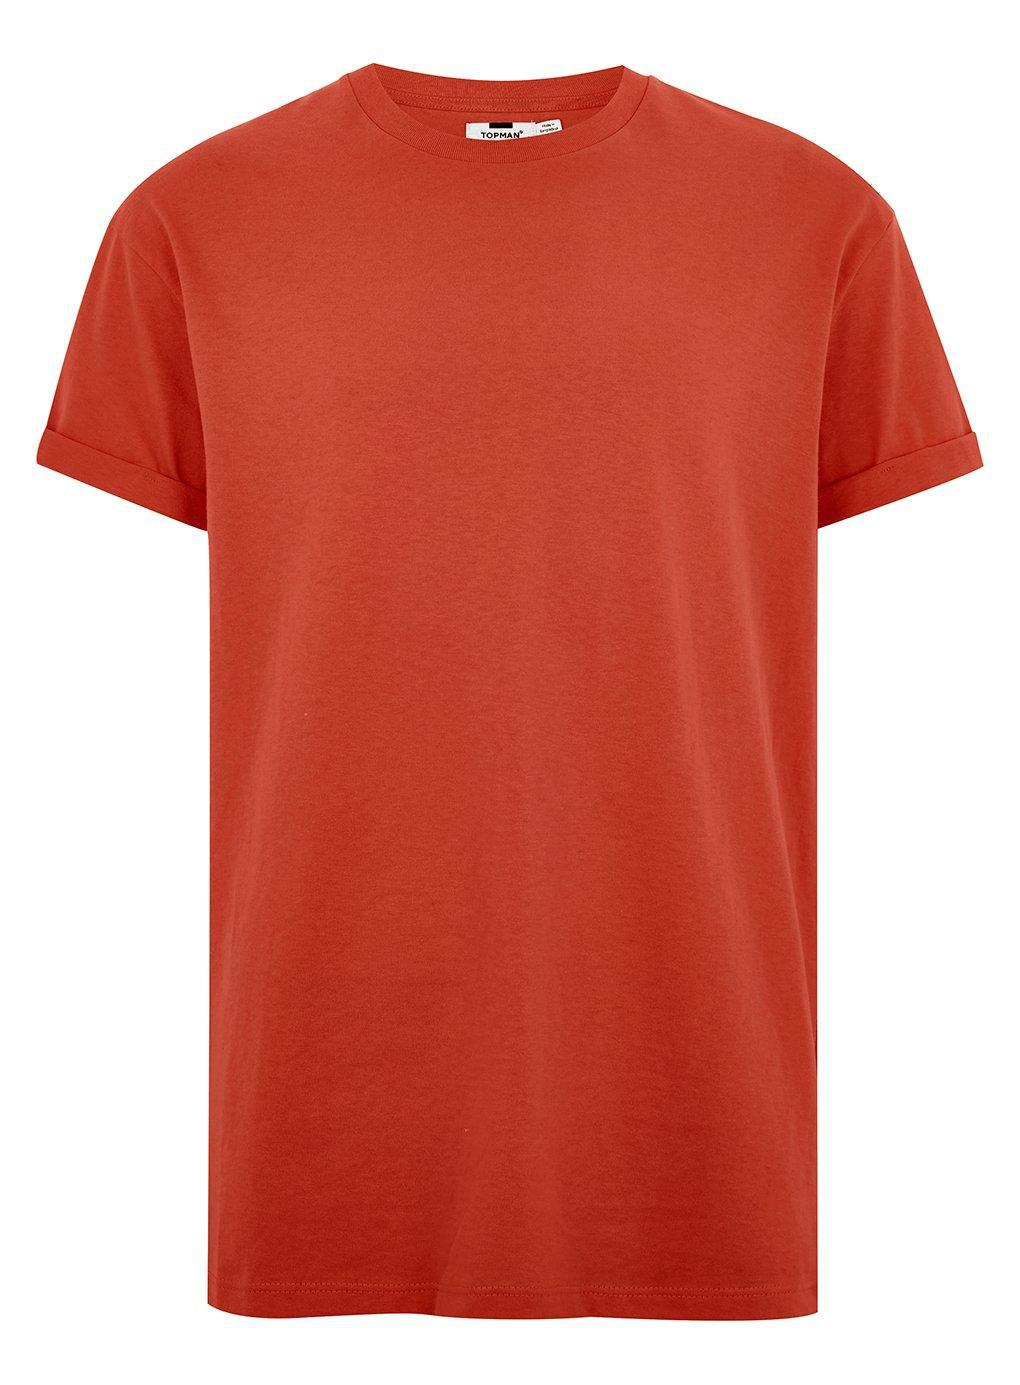 8ddd5bb2 Topman - Orange Rust Oversized Roller T-shirt for Men - Lyst. View  fullscreen